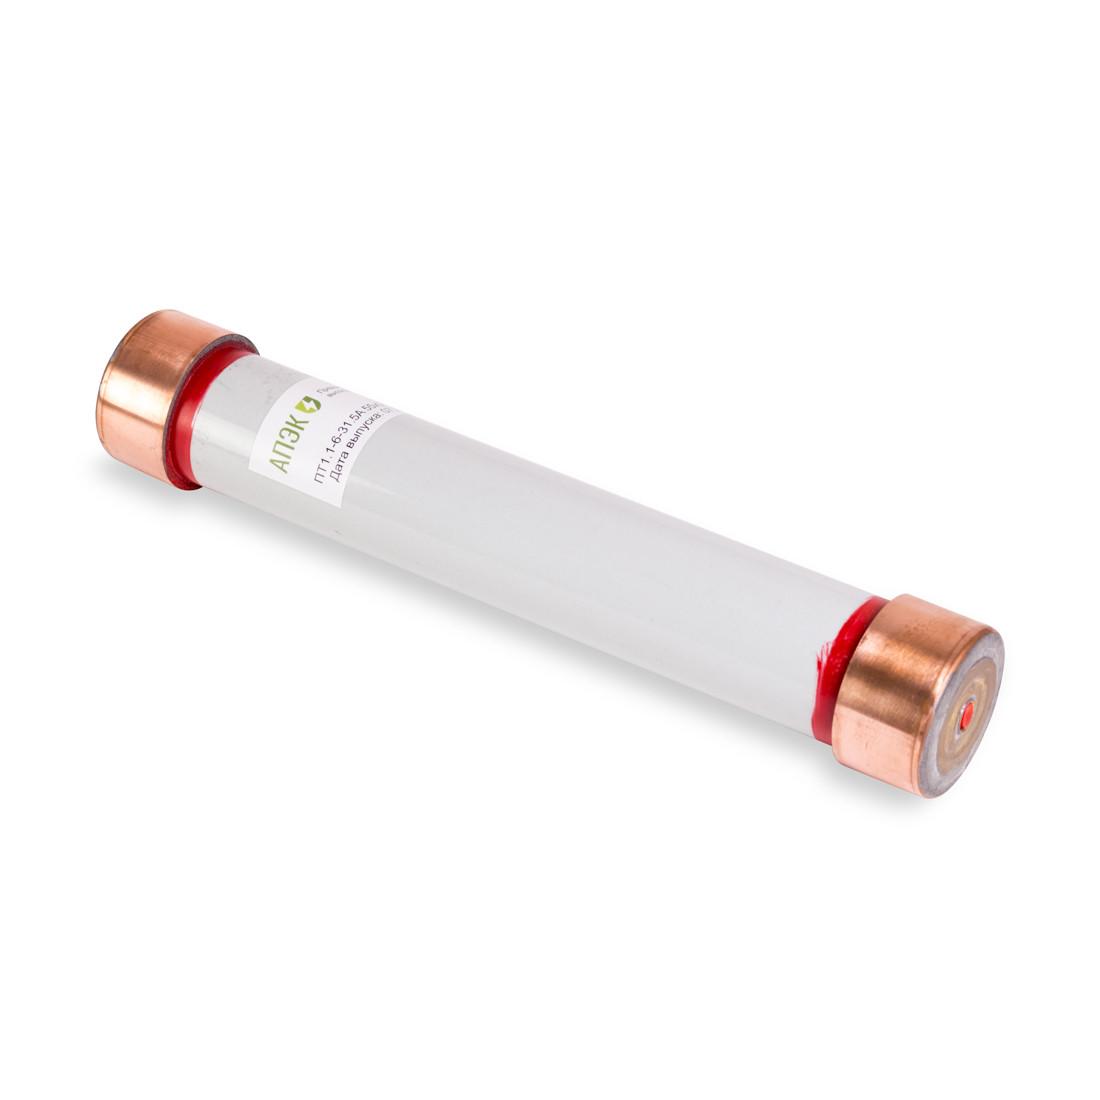 Предохранитель высоковольтный АПЭК ПT1.3-10-160A 72х464 мм 10 кВ одинарный